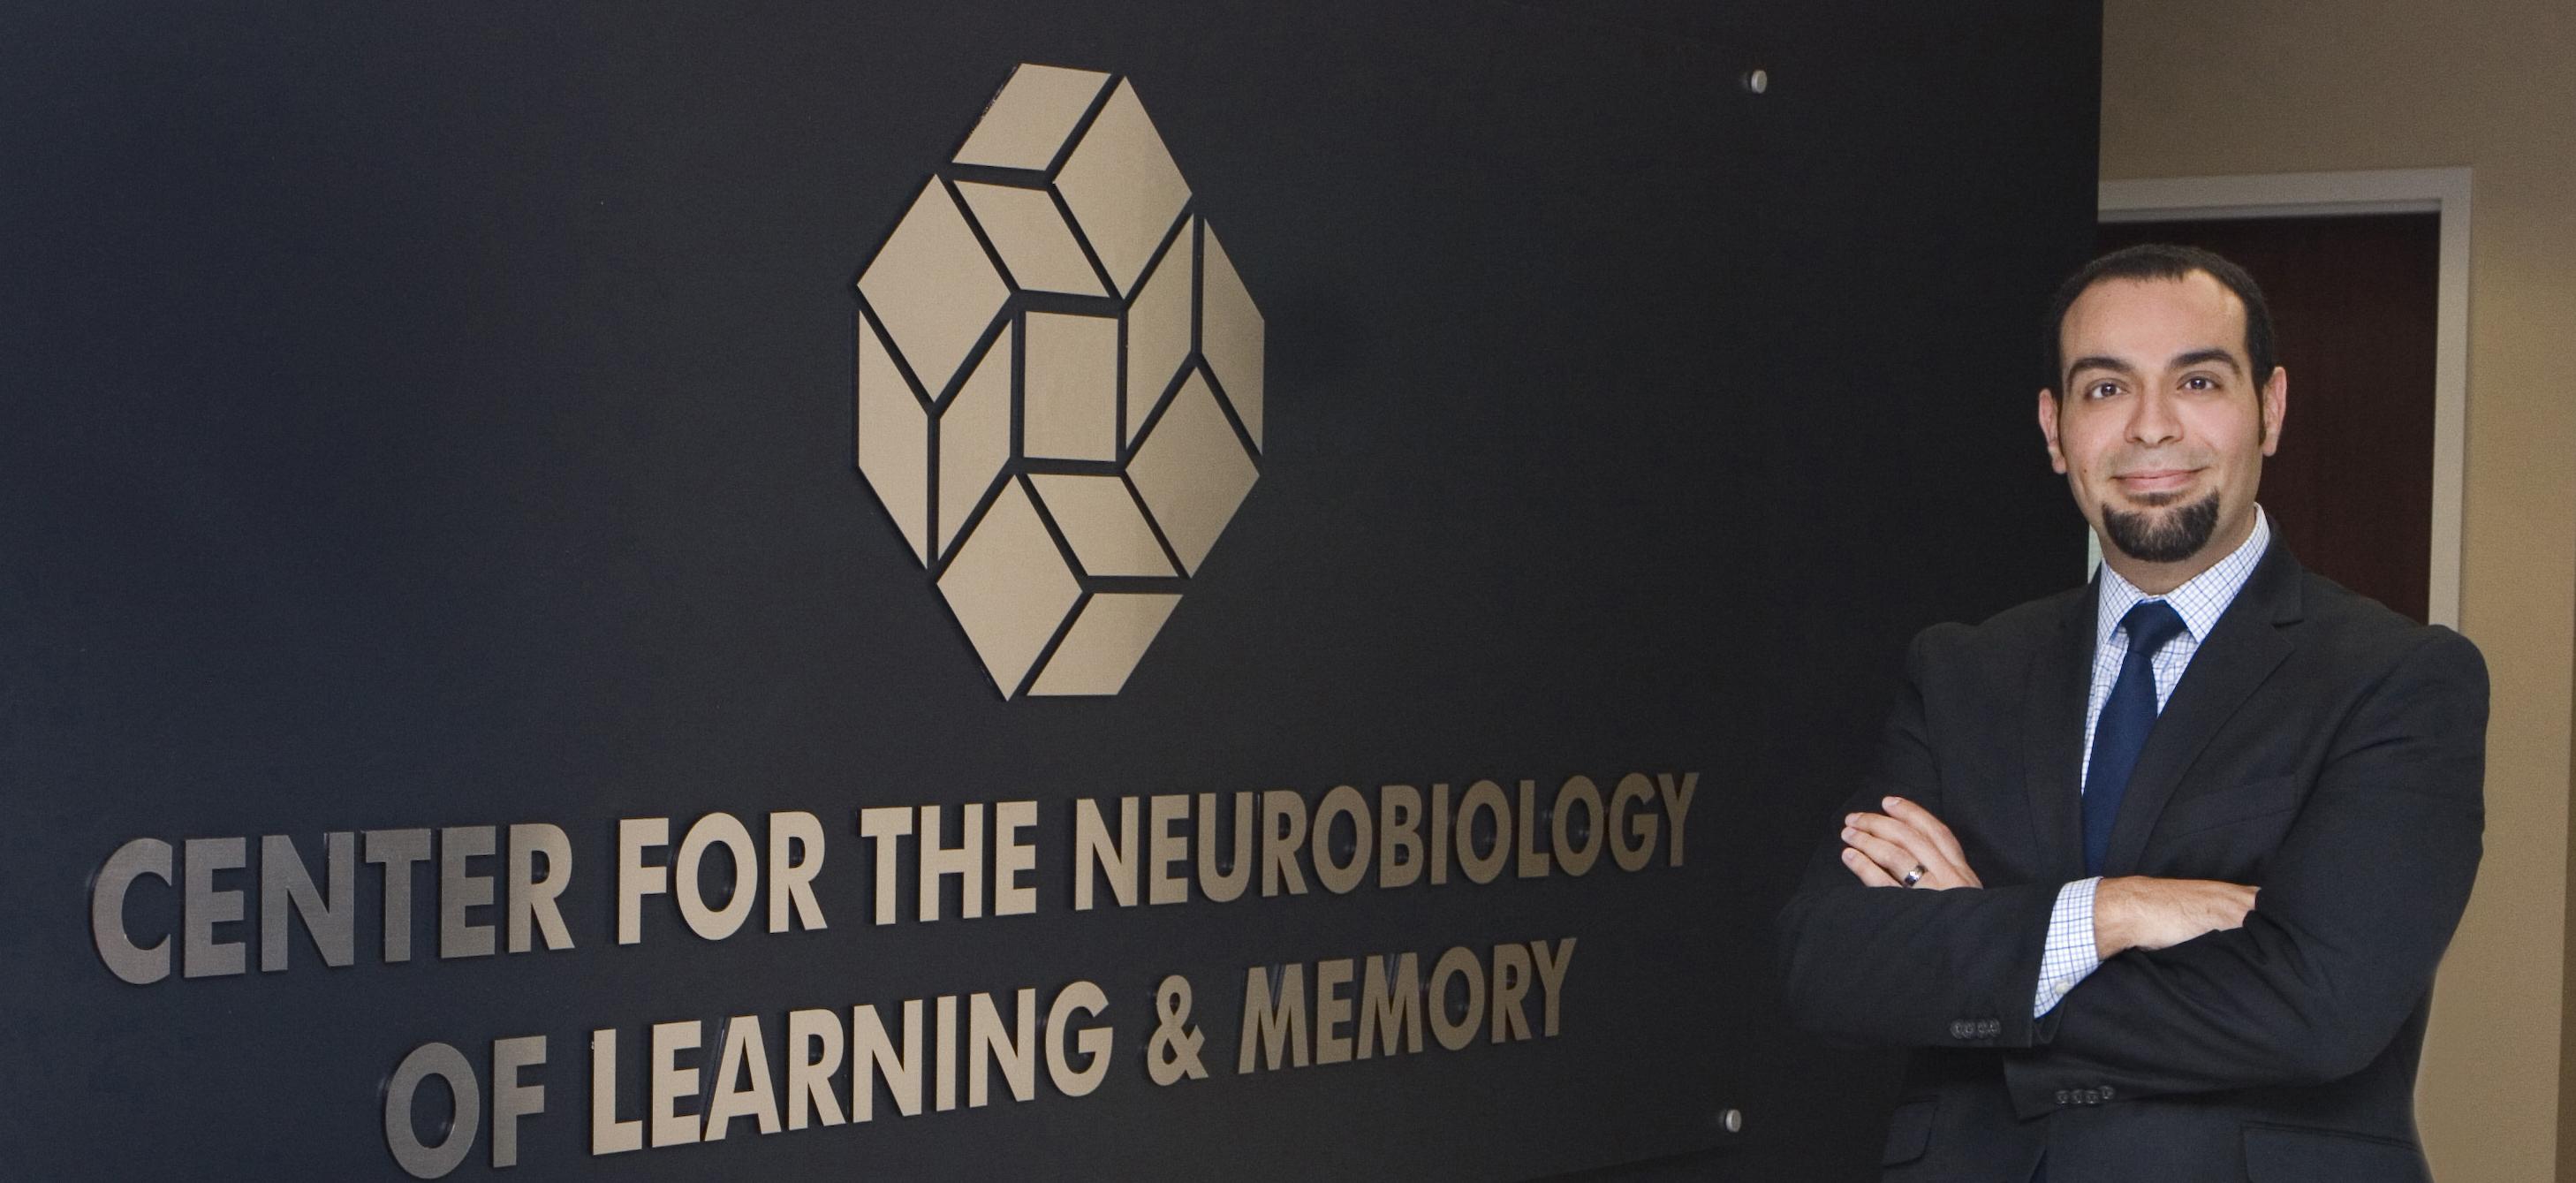 meet dr michael yassa cnlm director and professor of neurobiology